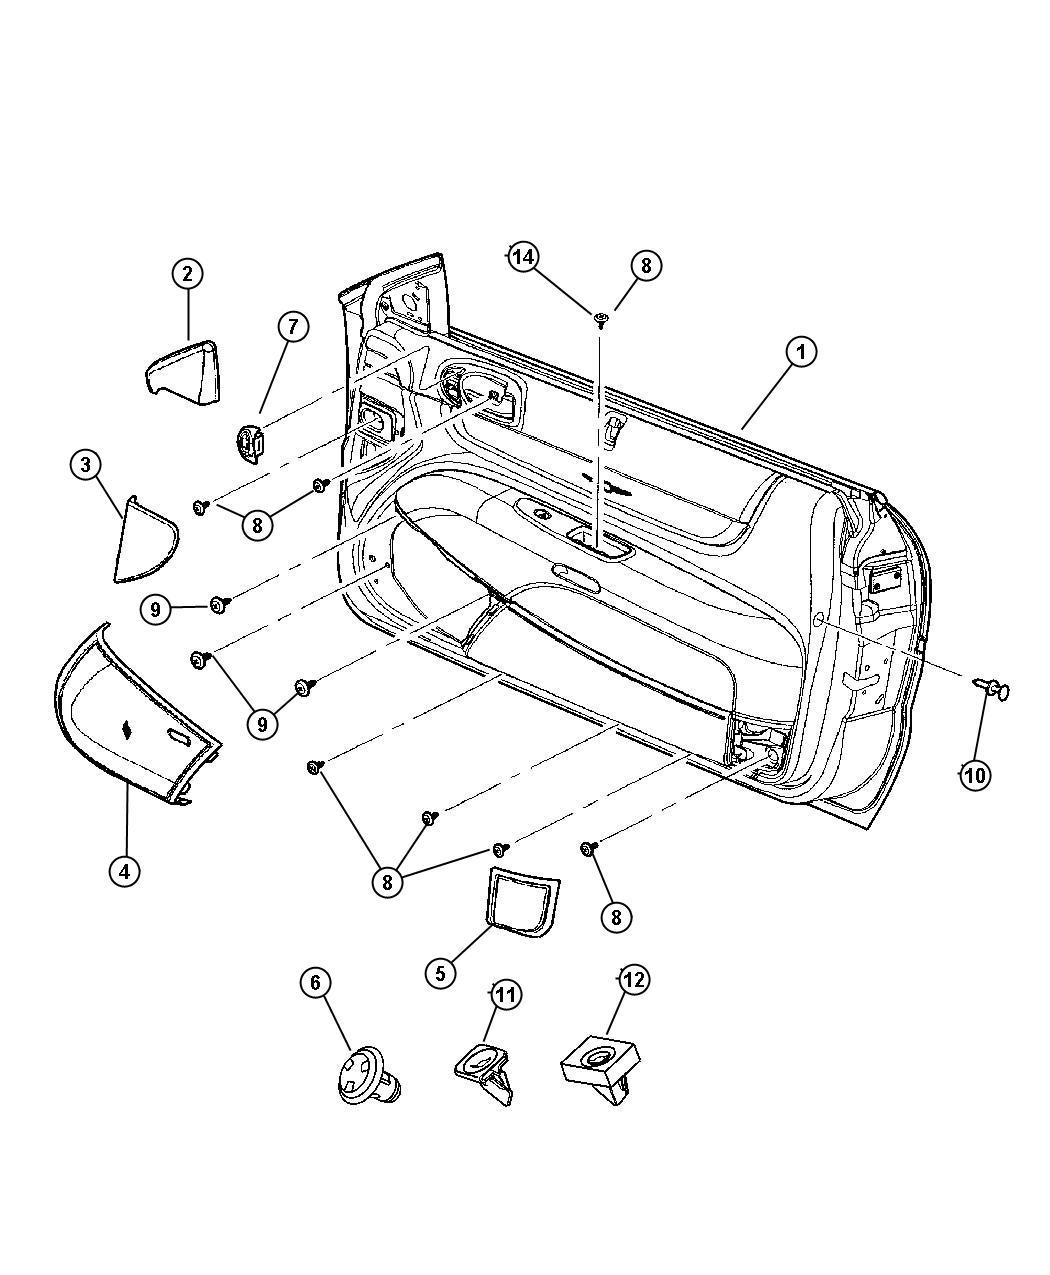 Chrysler Sebring Convertible Rear Embly Parts Diagram